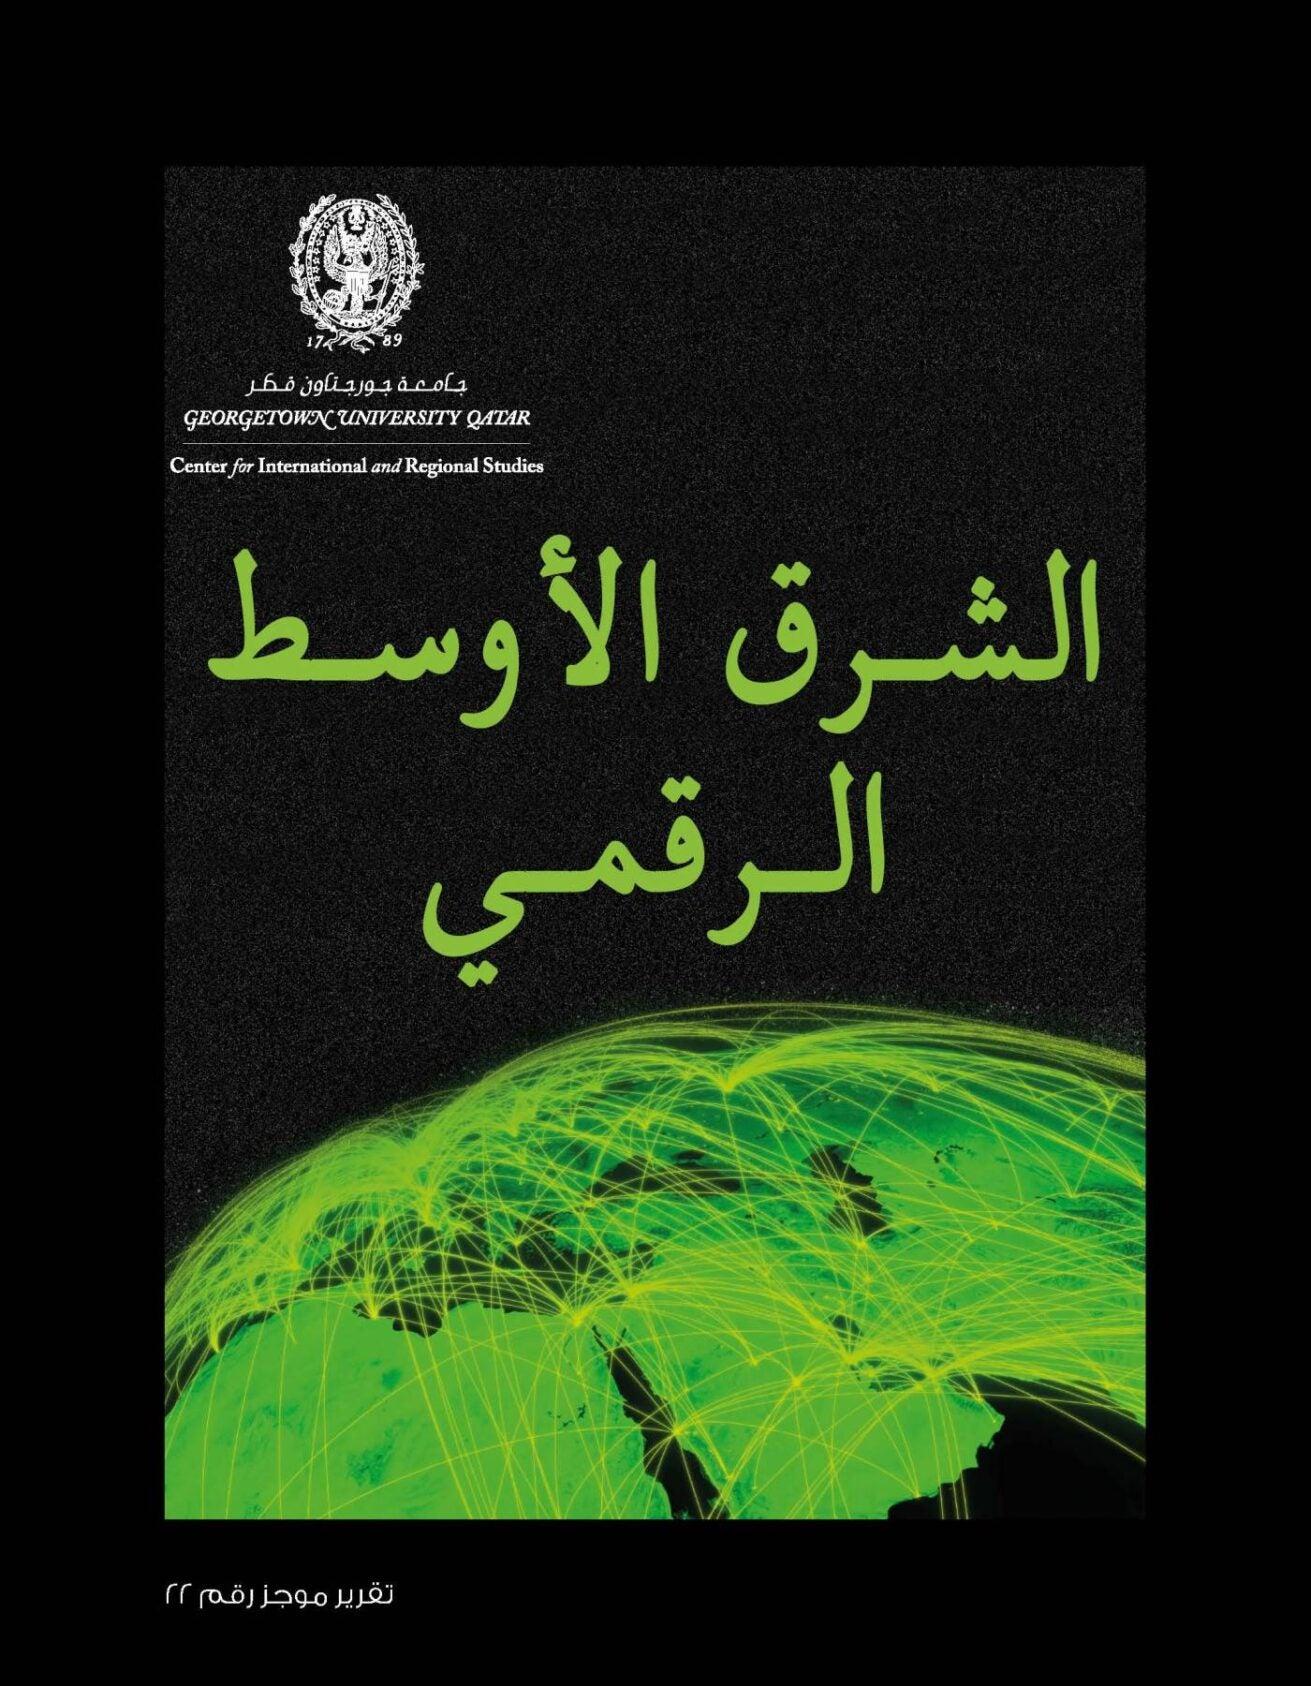 الشرق الأوسط الرقمي: الدولة والمجتمع في عصر المعلومات